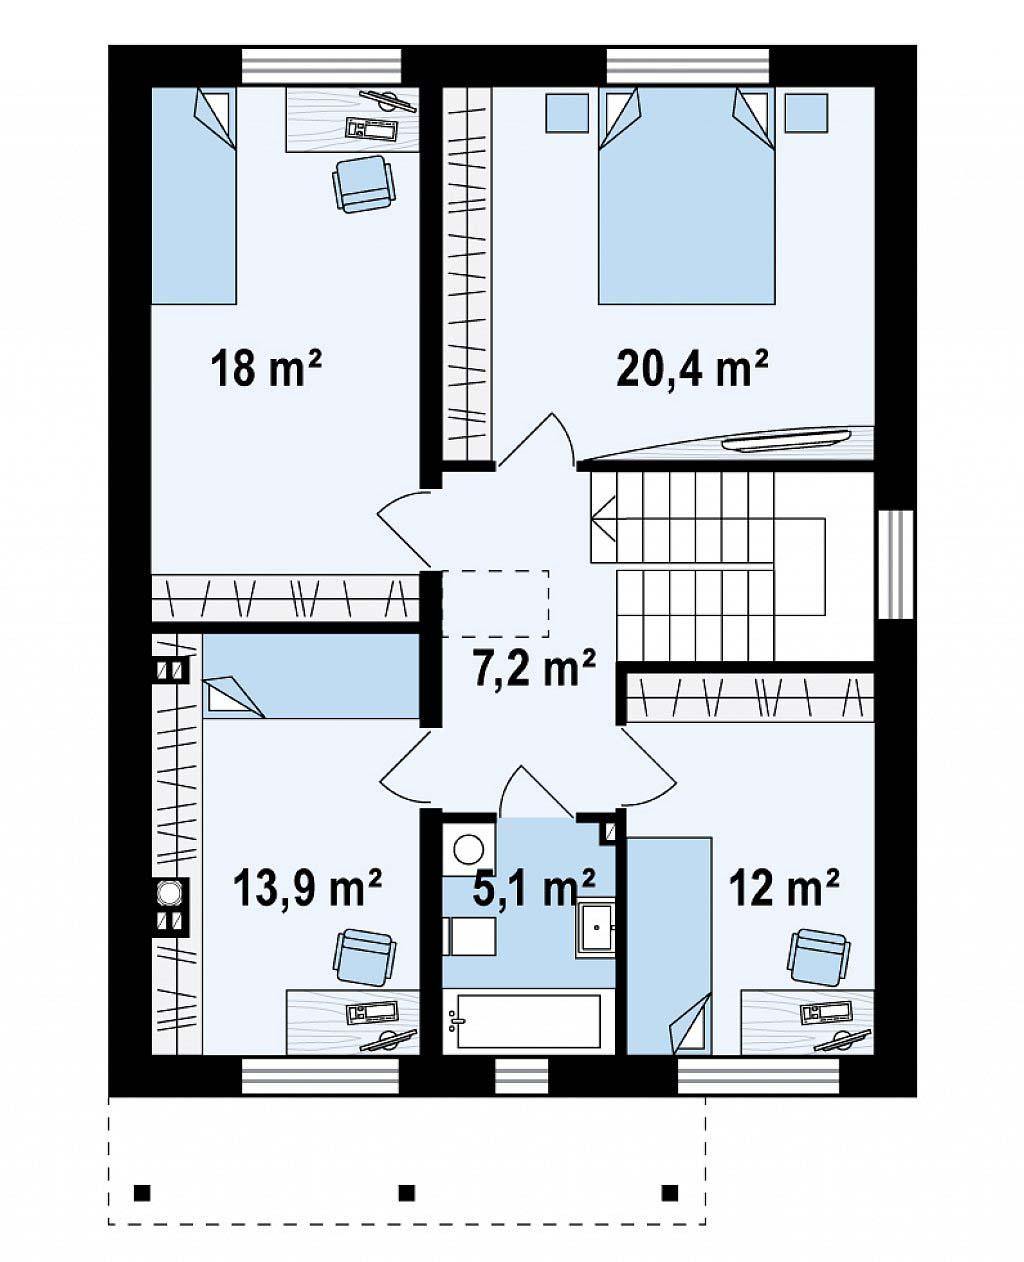 Проект дома из кирпича в Тюмени t5-185 планировка